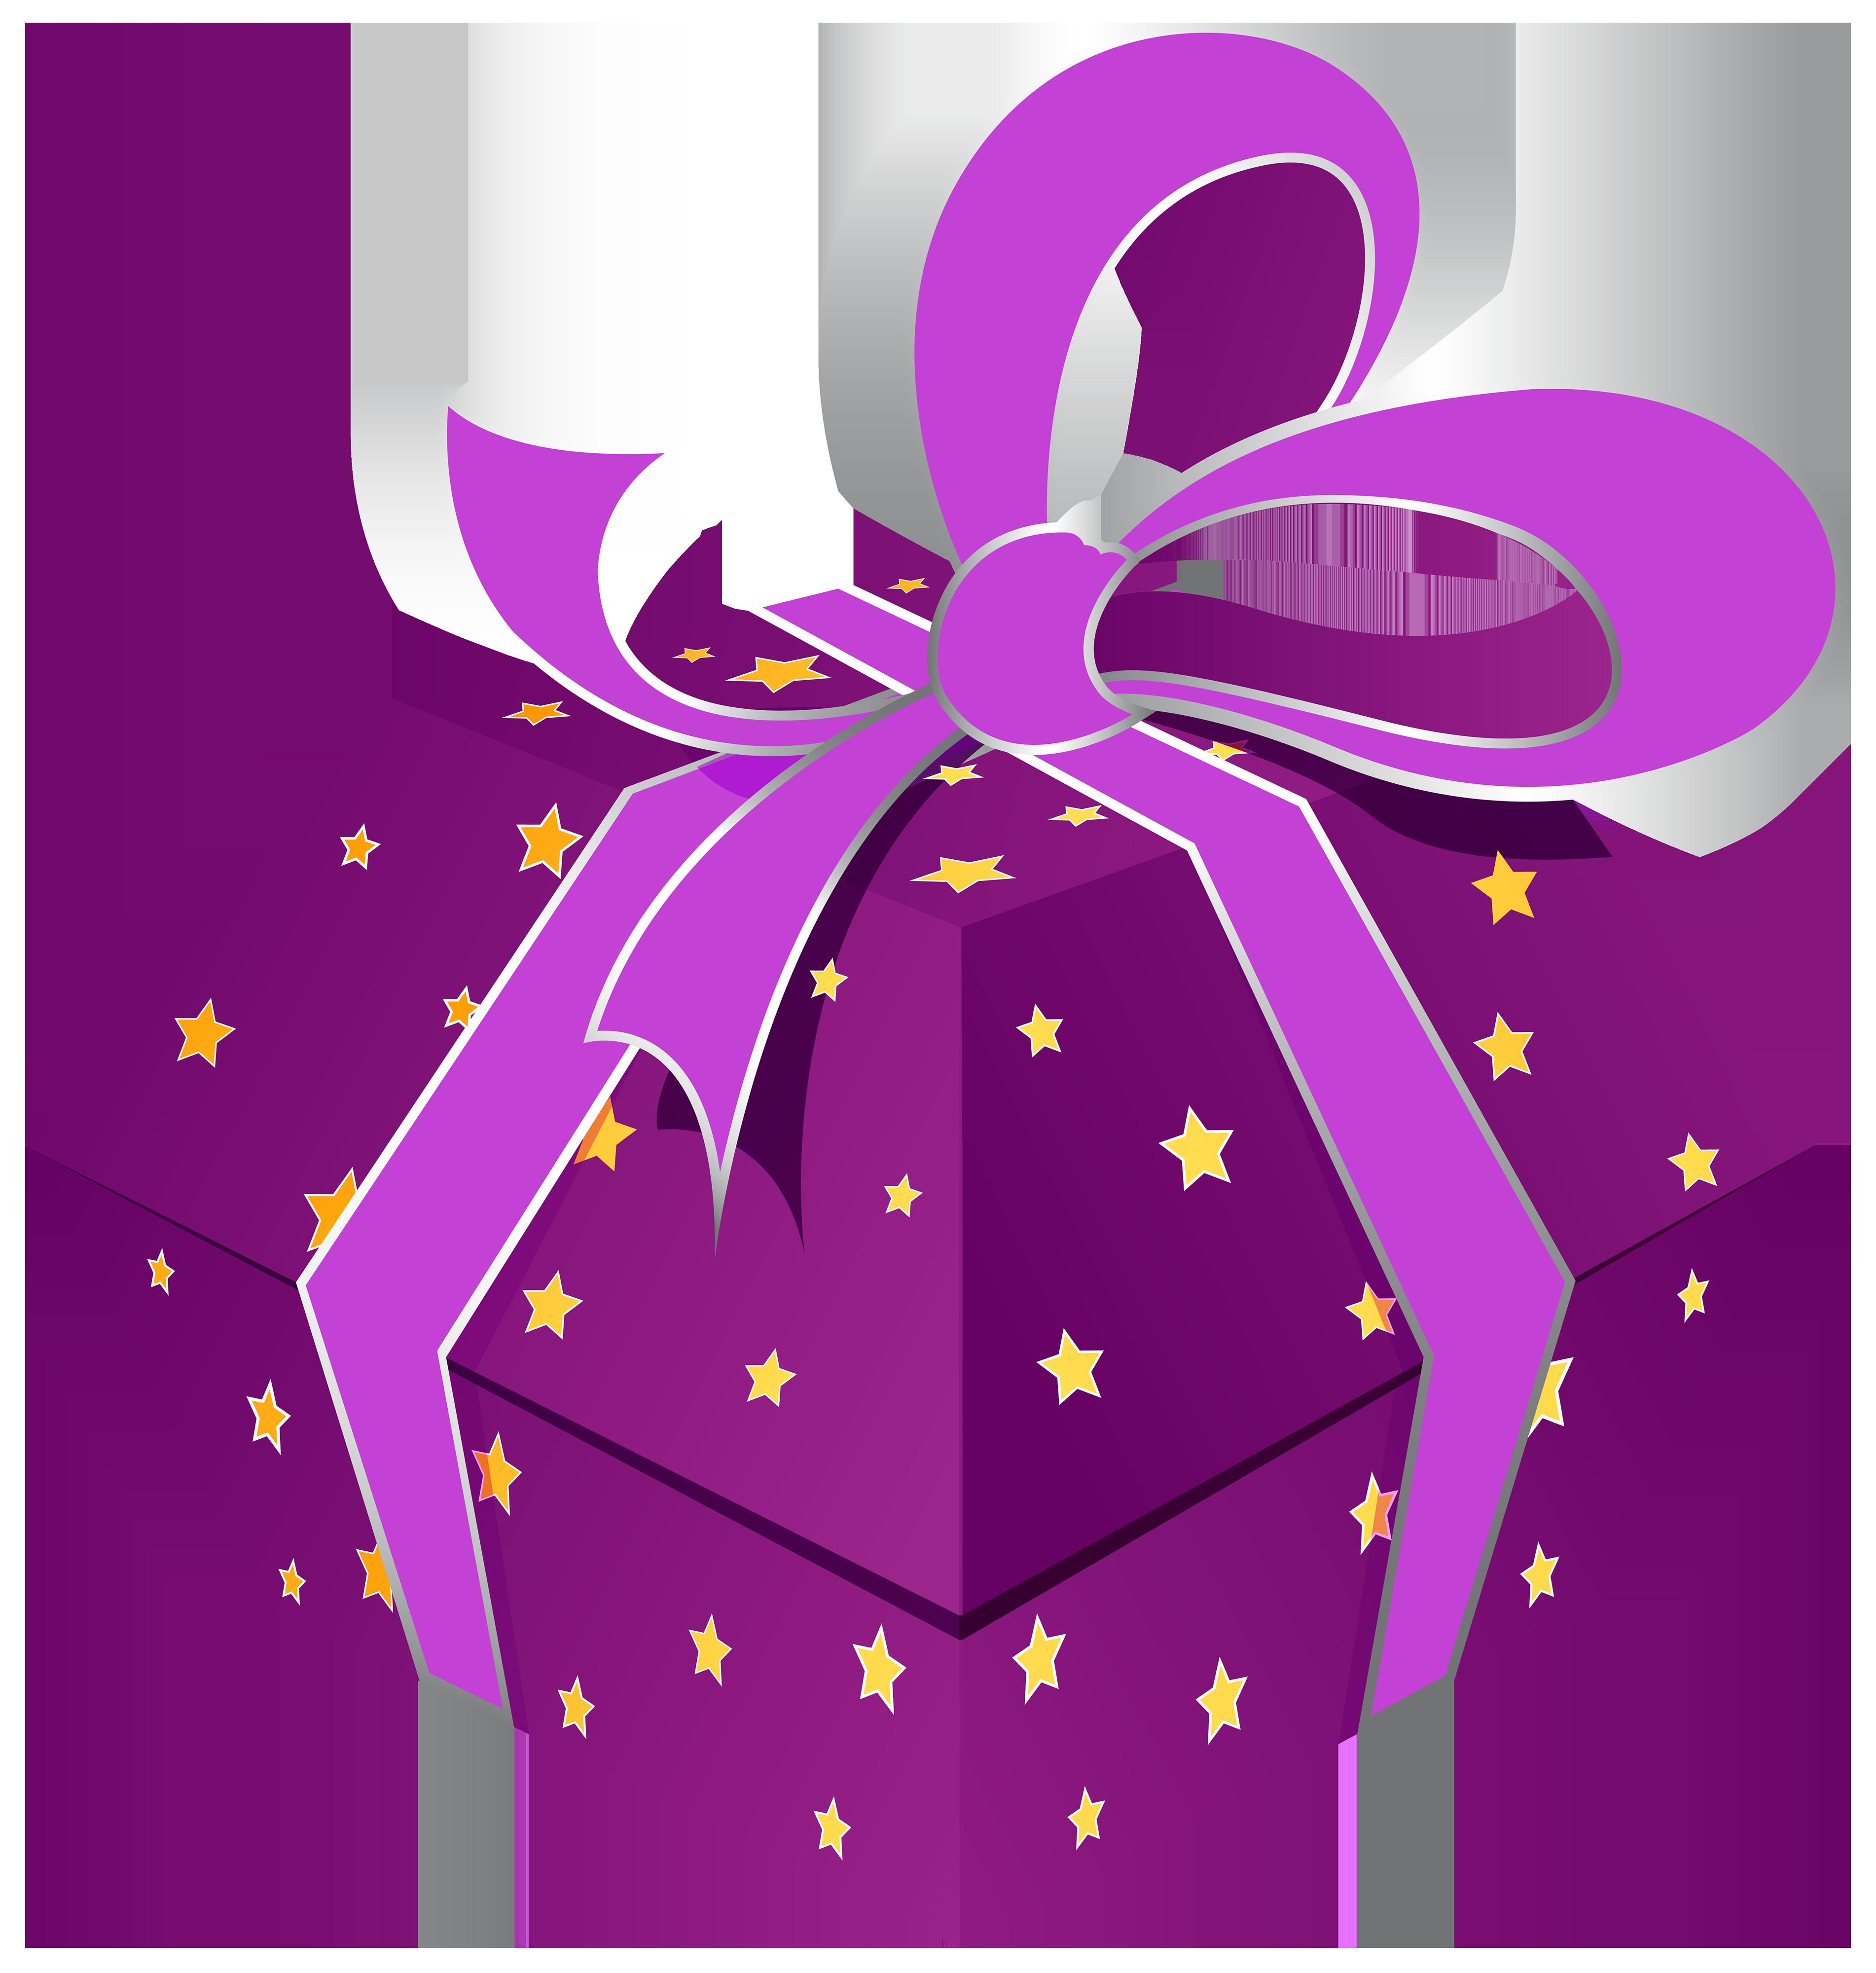 กล่องของขวัญสีม่วงพร้อมดาว PNG ภาพตัดปะ